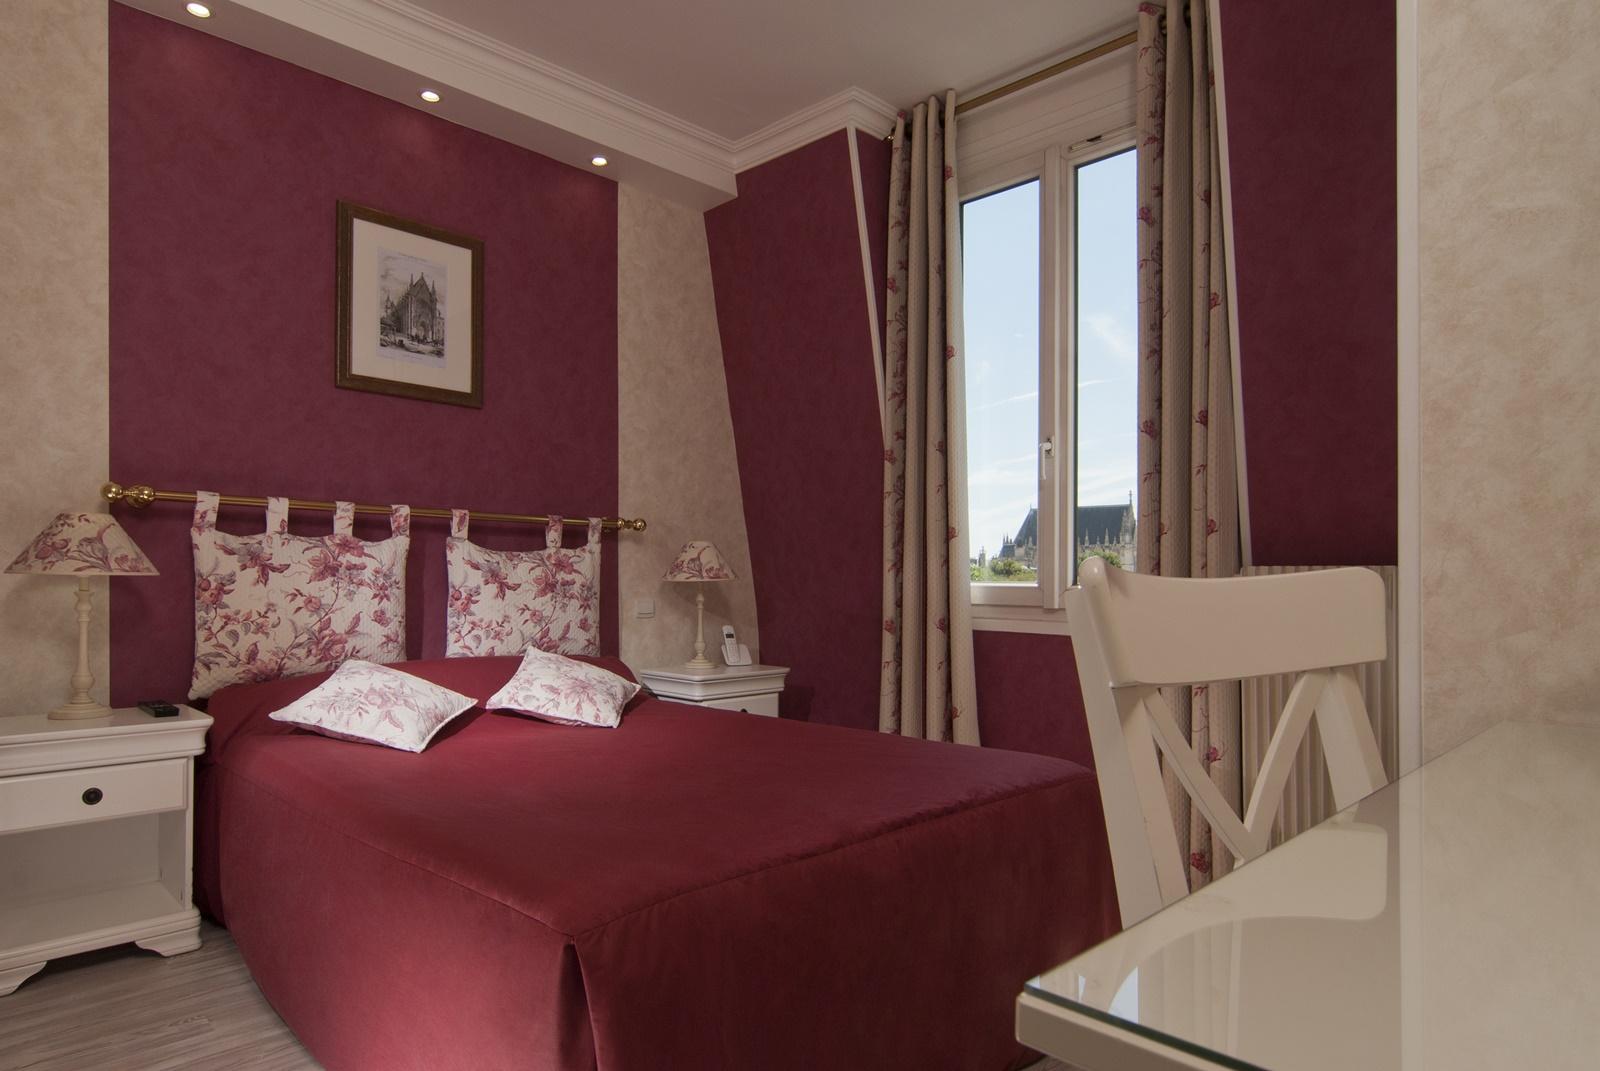 Hotel-du-chateau-1